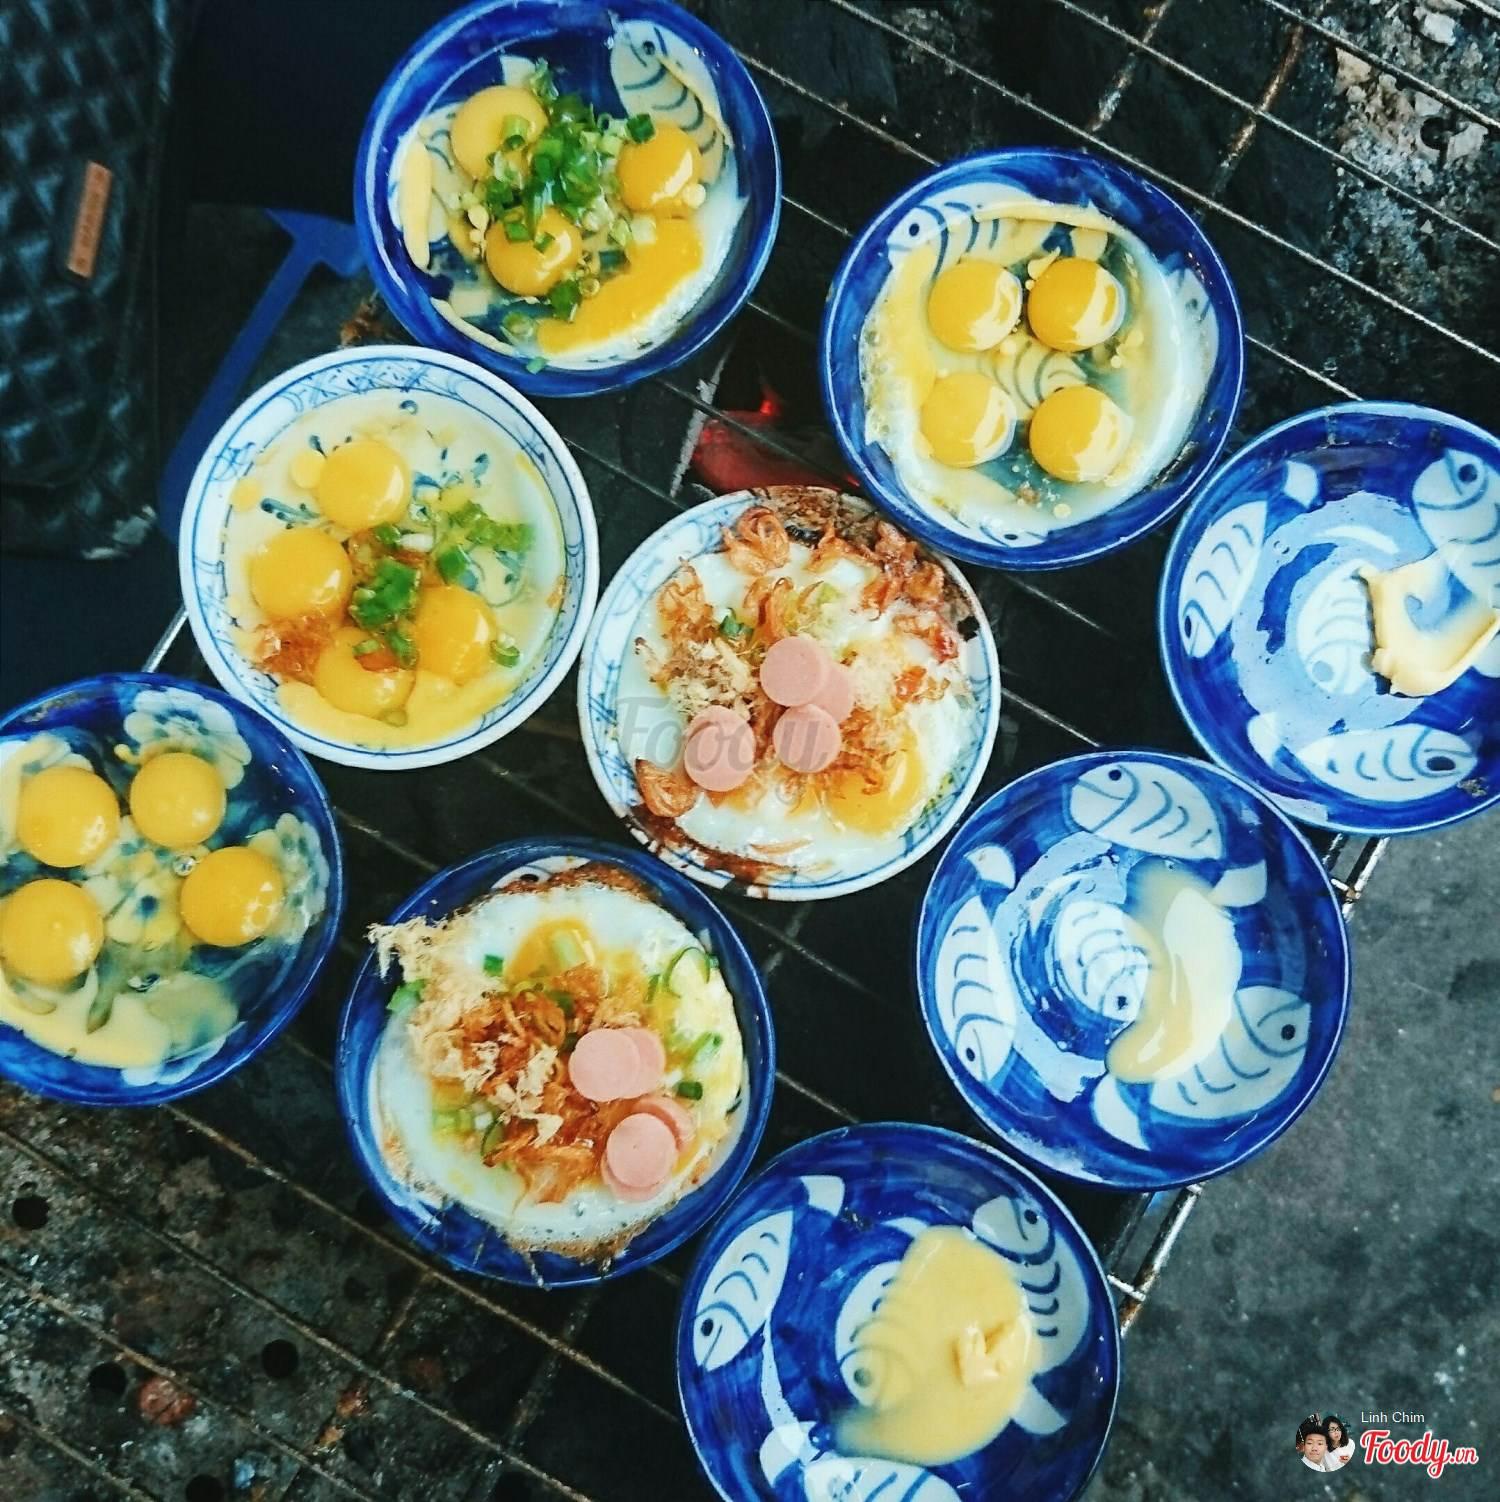 Khám phá ngay 10 địa điểm ăn vặt nức tiếng ngay phố cổ Hà Nội (trúng chén nướng)